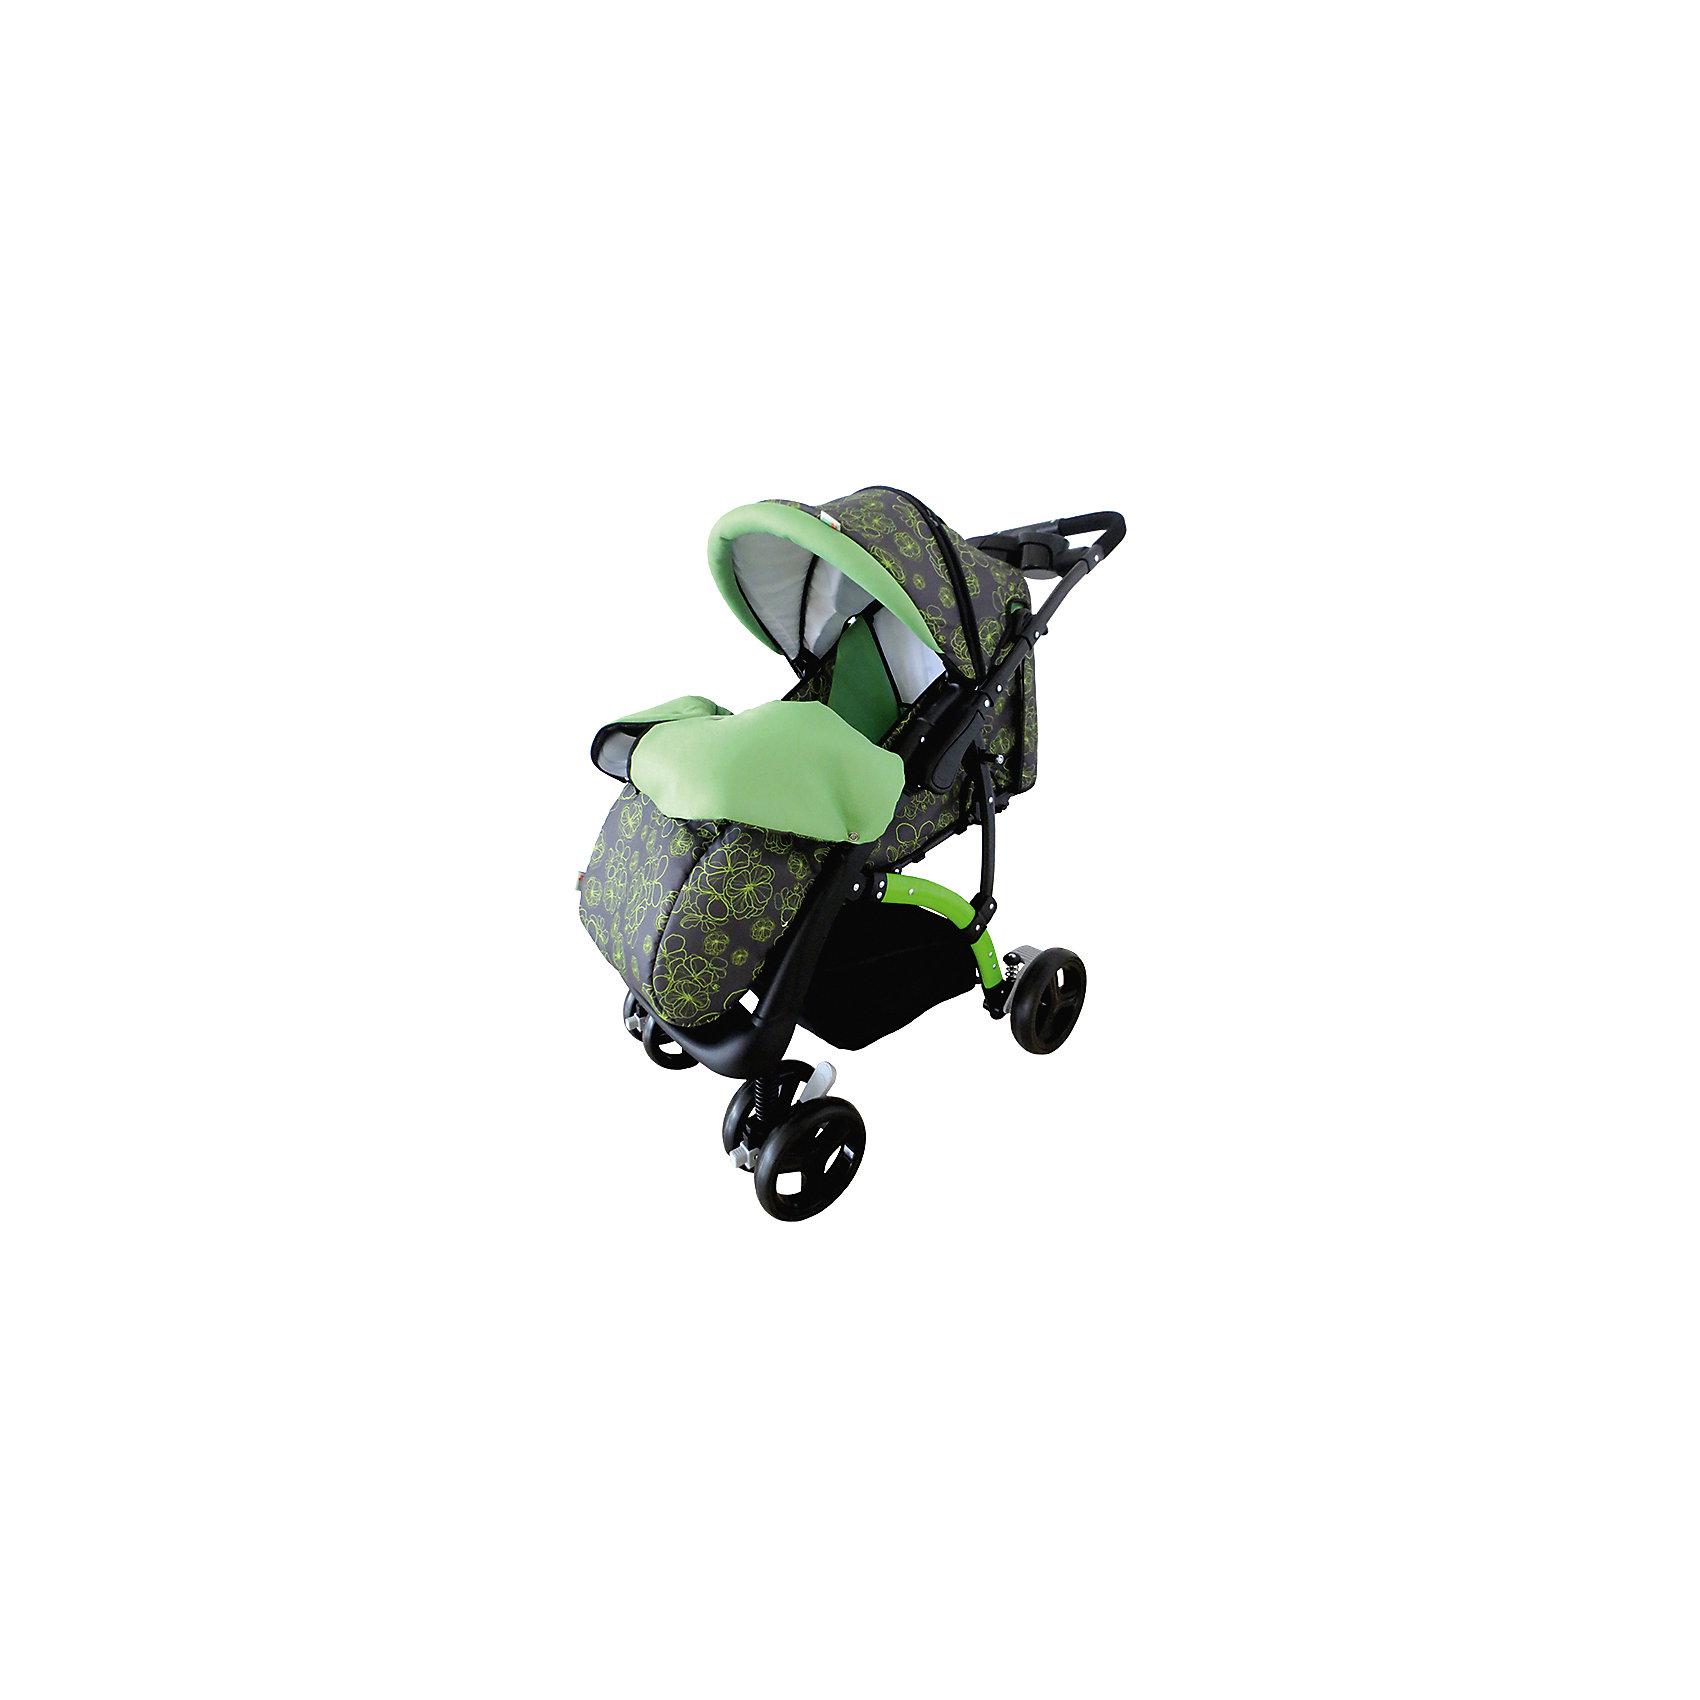 Прогулочная коляска Flora, Baby Hit, зеленыйЛегкая, маневренная и стильная коляска Flora придется по душе многим мамам. Обновленная модель Flora получила полноценный полог с большим отворотом на молнии, который не позволит малышу замерзнуть на прогулках в прохладную погоду. У коляски замечательная амортизация, регулируемая спинка с положением лежа и регулируемая подножка, есть возможность создать комфортное спальное место. Капюшон коляски может опускать вниз до столика-поручня, что позволит спрятать ребенка от непогоды и яркого солнца. Для родителей на перекидной ручке установлен столик с бардачком для мелочей и двумя подстаканниками. В комплекте также дождевик и москитная сетка.<br><br>Дополнительная информация:<br><br>Подходит для детей от 7 – 36 мес.<br>Ширина посадочного места – 35 см.<br>Съемный столик-поручень.<br>Покраска рамы и всех пластиковых деталей.<br>Амортизация на всех колесах.<br>5-ти точечный ремень безопасности.<br>Регулируемая подножка.<br>Перекидная ручка.<br>Наличие капюшона-батискафа.<br>Положение спинки – до 175 градусов.<br><br>Размеры коляски:<br>Размеры в сложенном виде, Д/Ш/В: 73/56/101 см.<br>Ширина колесной базы 56 см.<br>Глубина сидения – 20 см<br>Ширина сидения – 33 см<br>Подножка – 13 см<br>Спинка – 40 см<br>Высота – 100 см<br>Размер колес:<br>Переднее – 16 см<br>Заднее – 20 см<br><br>В комплекте:<br>Полог на ножки.<br>Дождевик.<br>Москитная сетка.<br>Корзина для продуктов.<br><br>Прогулочную коляску Flora, Baby Hit, зеленую можно купить в нашем магазине.<br><br>Ширина мм: 490<br>Глубина мм: 255<br>Высота мм: 800<br>Вес г: 12000<br>Возраст от месяцев: 6<br>Возраст до месяцев: 36<br>Пол: Унисекс<br>Возраст: Детский<br>SKU: 4726623